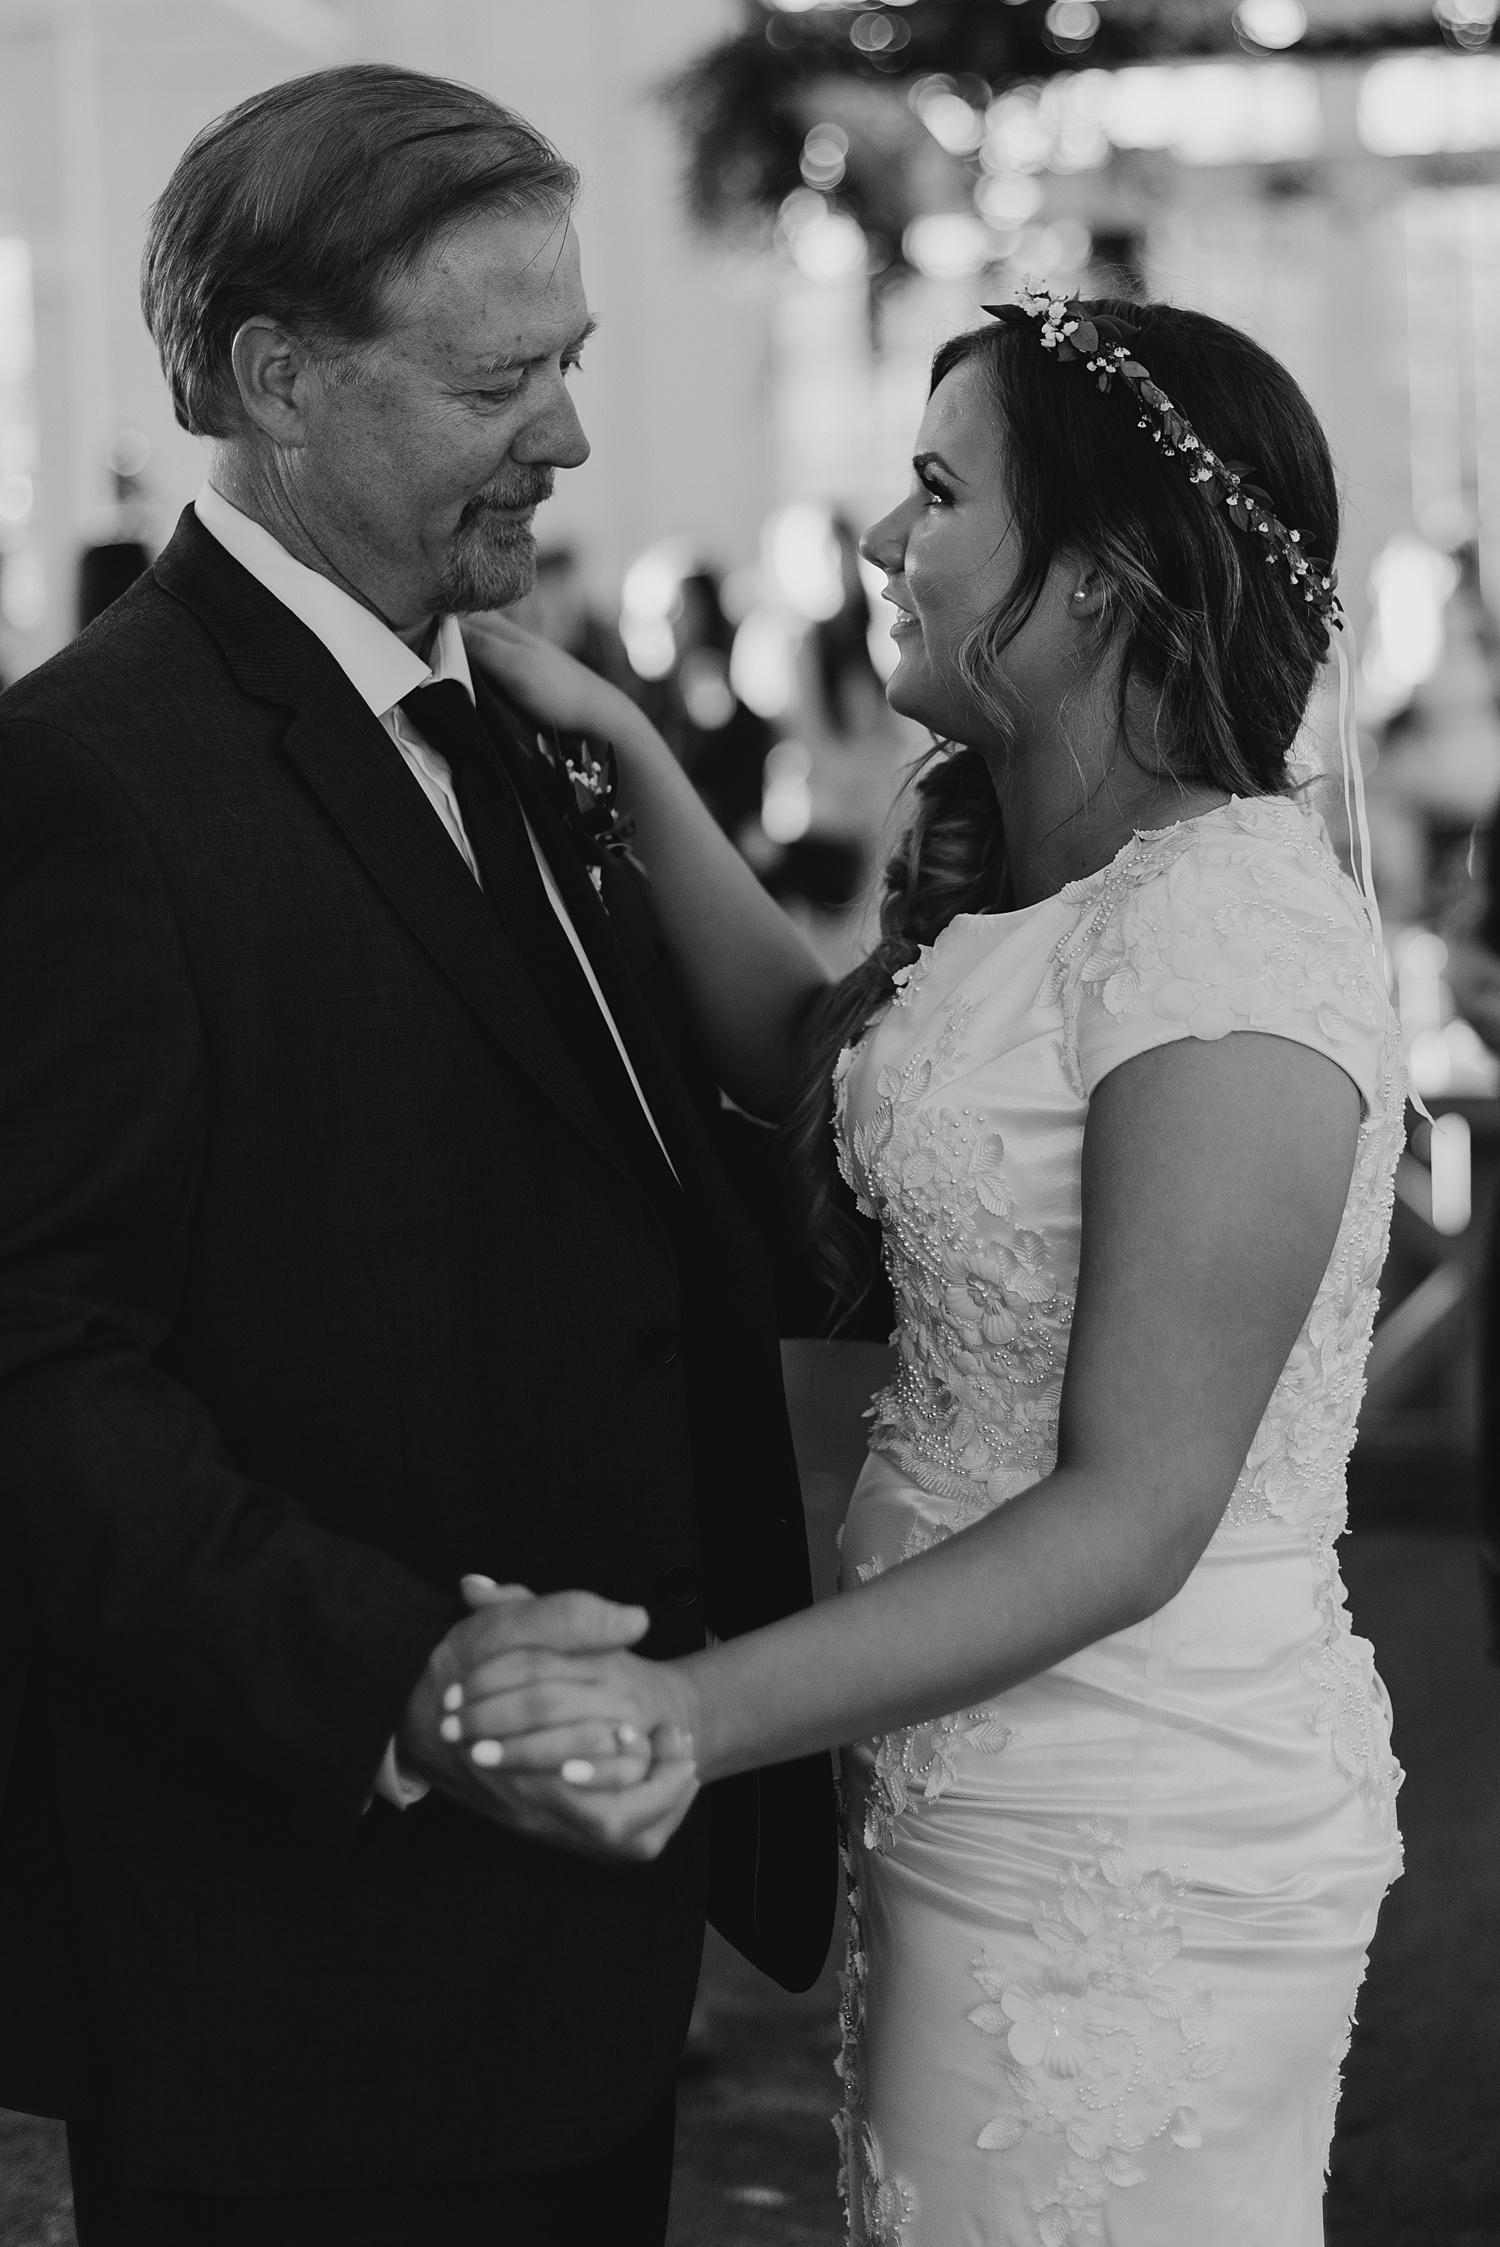 Zandra Barriga Photo - Dallas and Megan Wedding_0080.jpg